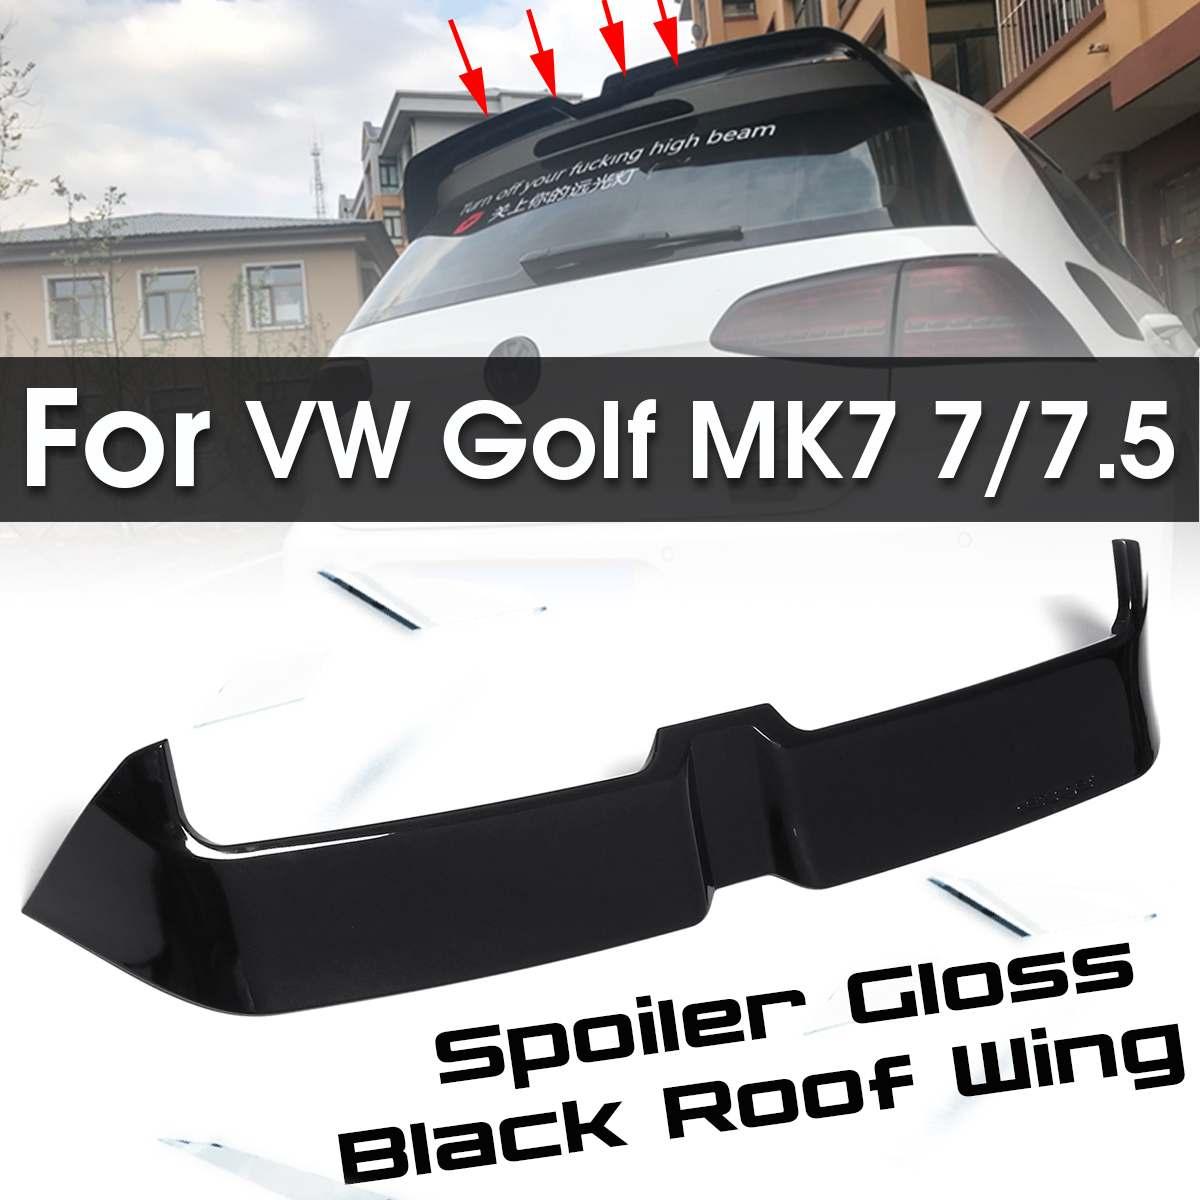 Pour MK7 fibre de carbone style voiture/ABS noir brillant aileron arrière pour Volkswagen pour VW Golf MK7 7/7. 5